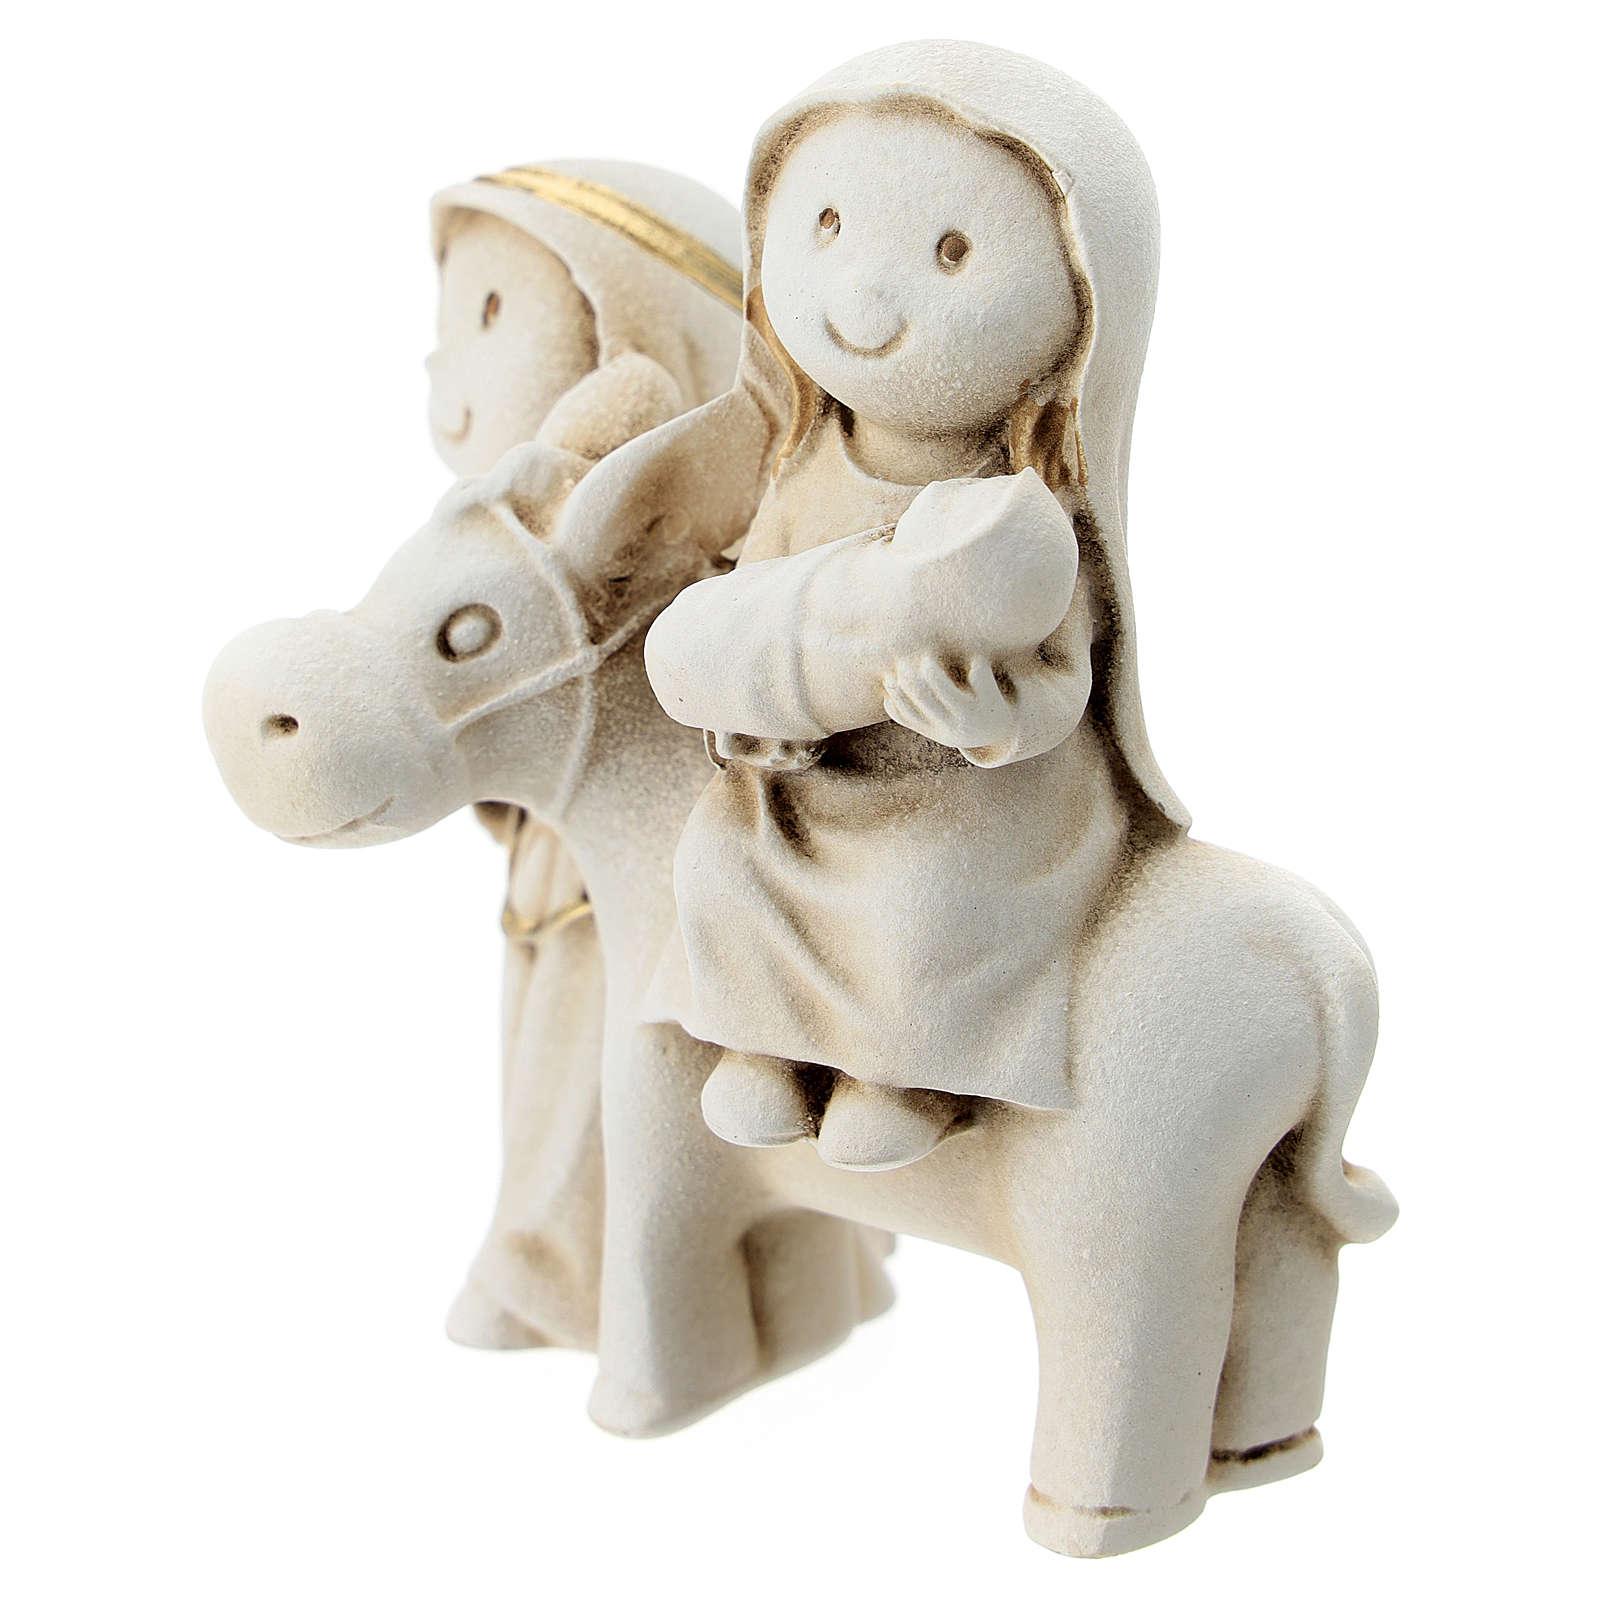 Natividad estilo árabe con burro resina 10 cm 3